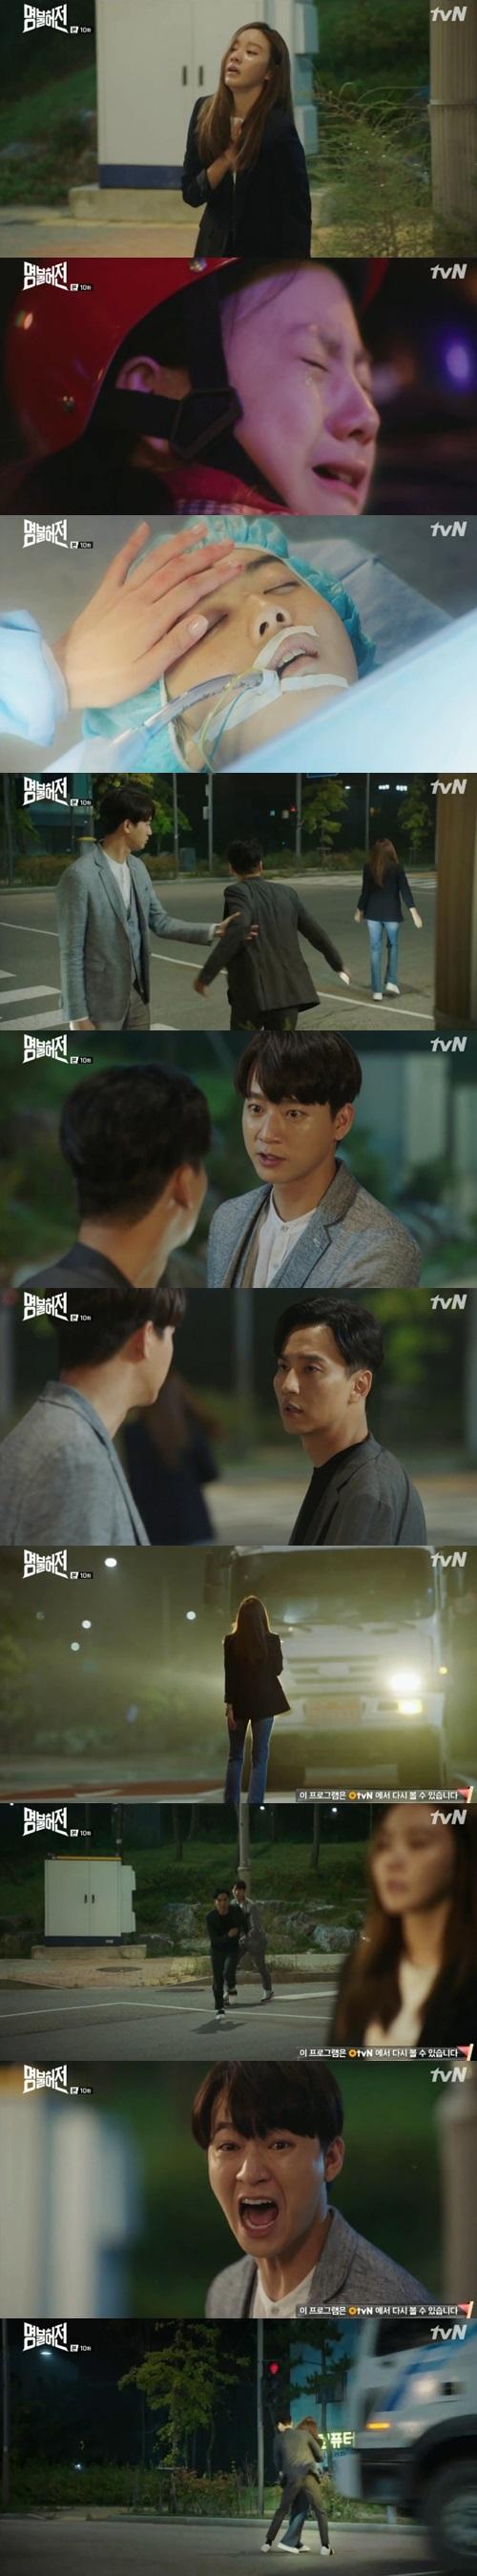 '명불허전' 김남길, 김아중 구하려 교통사고.. 또 타임슬립? (종합)